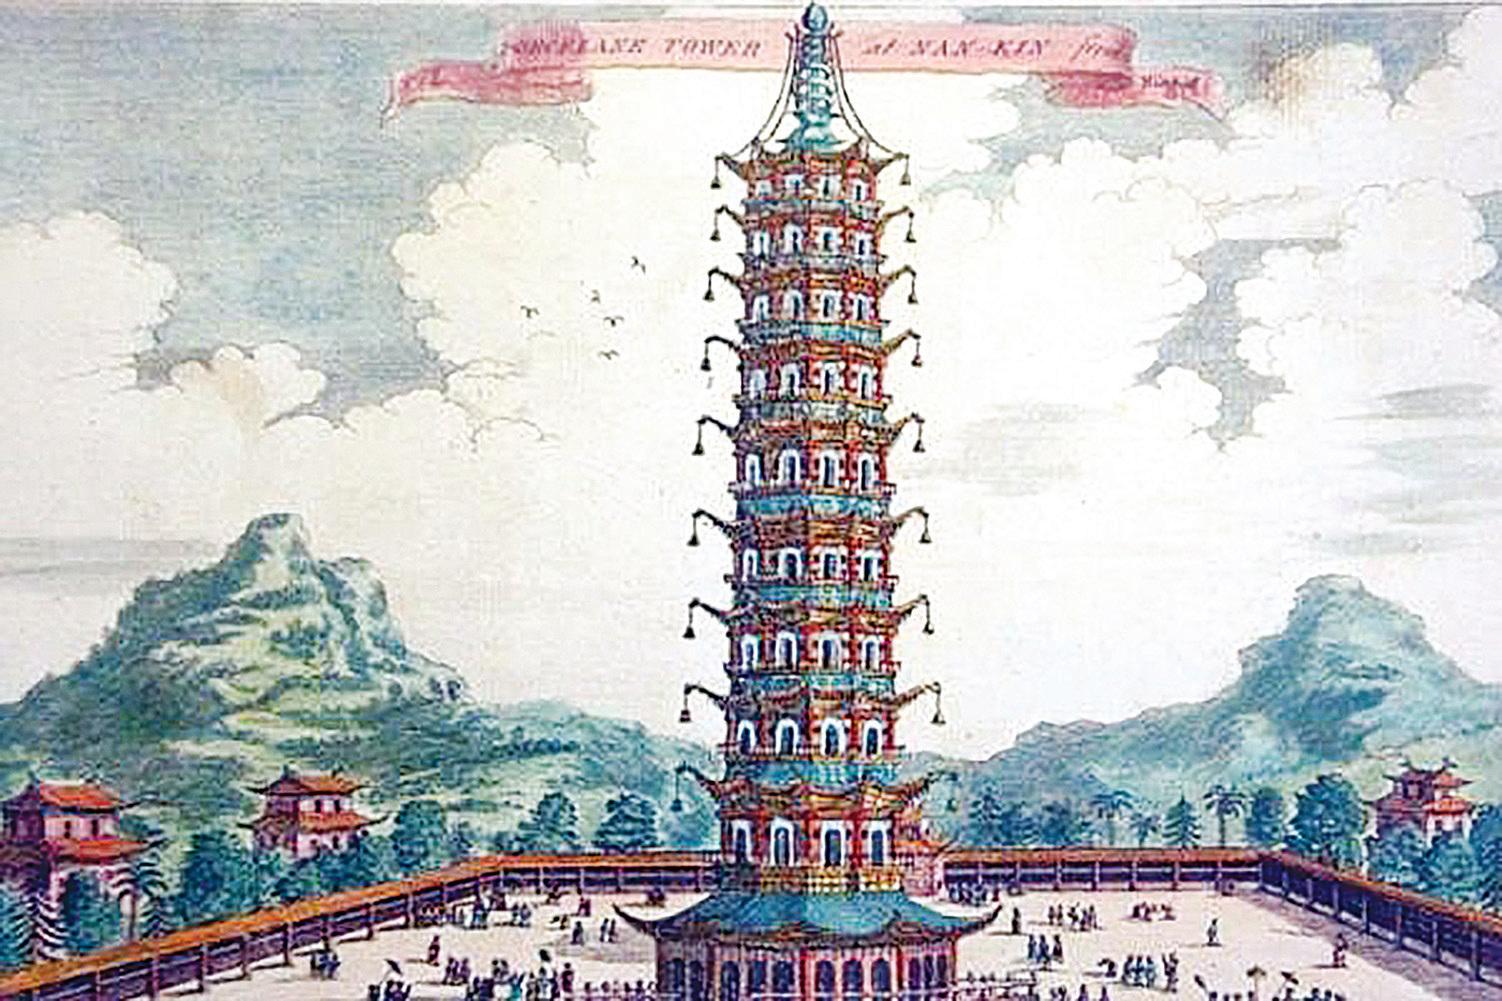 江南第一寺「建初寺」毀於戰亂。明成祖朱棣在其遺址上修建了「大報恩寺」,高達78.2米的琉璃寶塔曠世聞名。